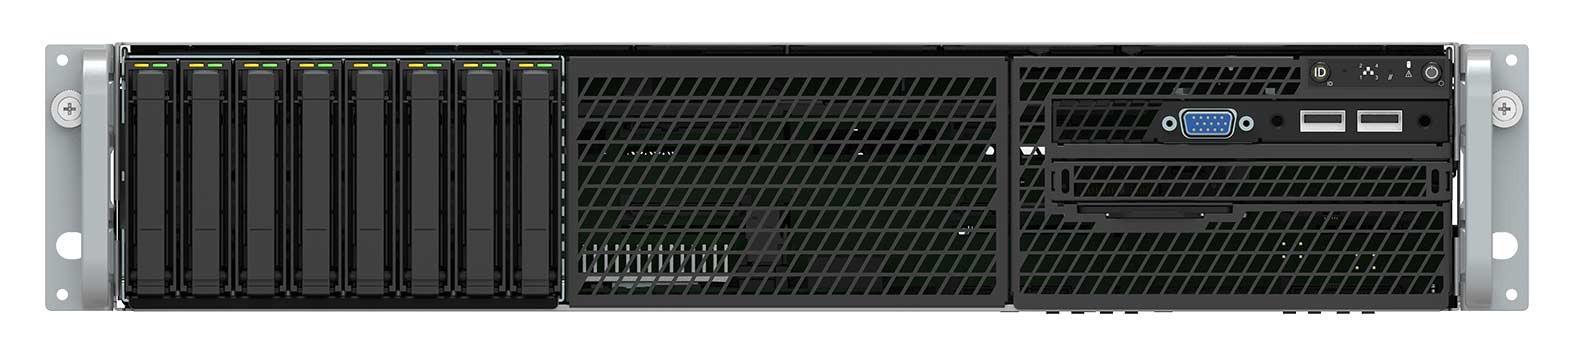 Intel Prebuilt Server, 2U Rackmount, Xeon 4208 (1/2), 32GB ECC RAM (2/24) , 2.5' x 8 HDD Bays, VROC, NVME Ready, BBU, 10Gbe, 1100w RPS, 3 Yr Warranty